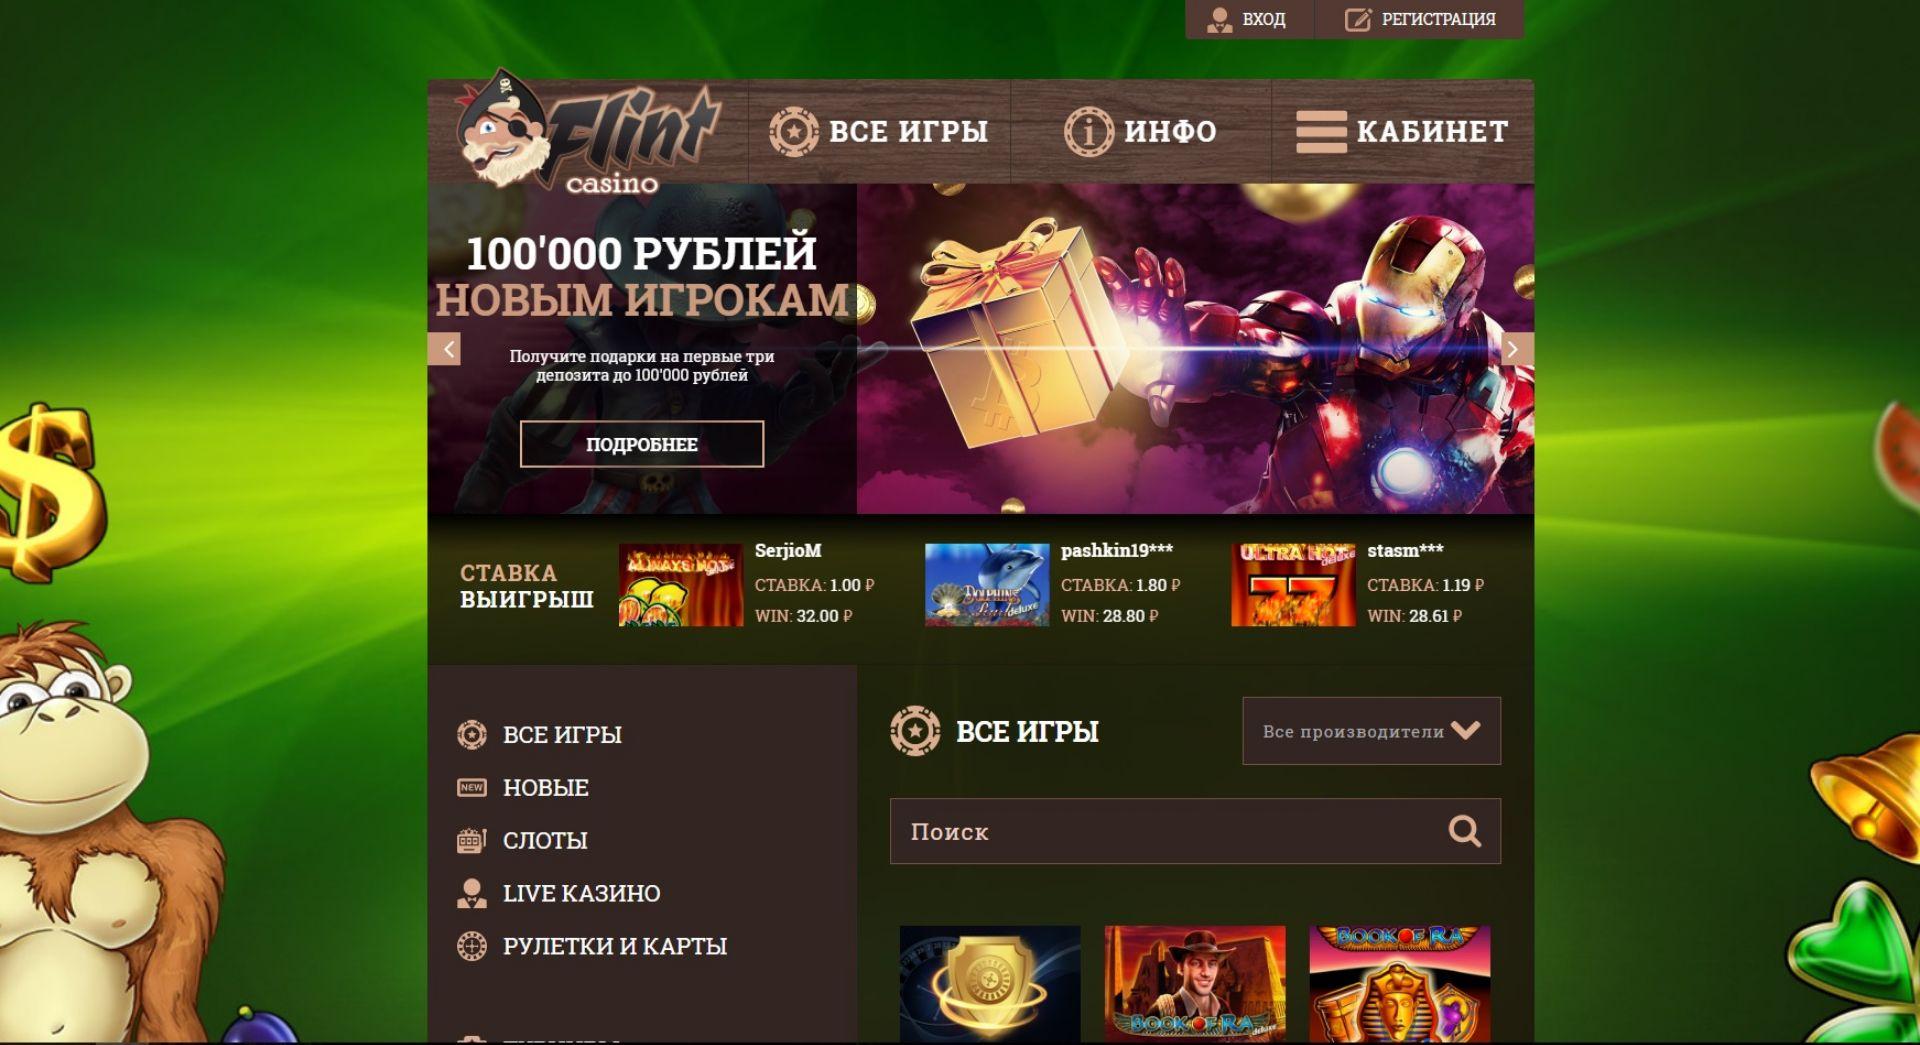 официальный сайт бонус казино флинт